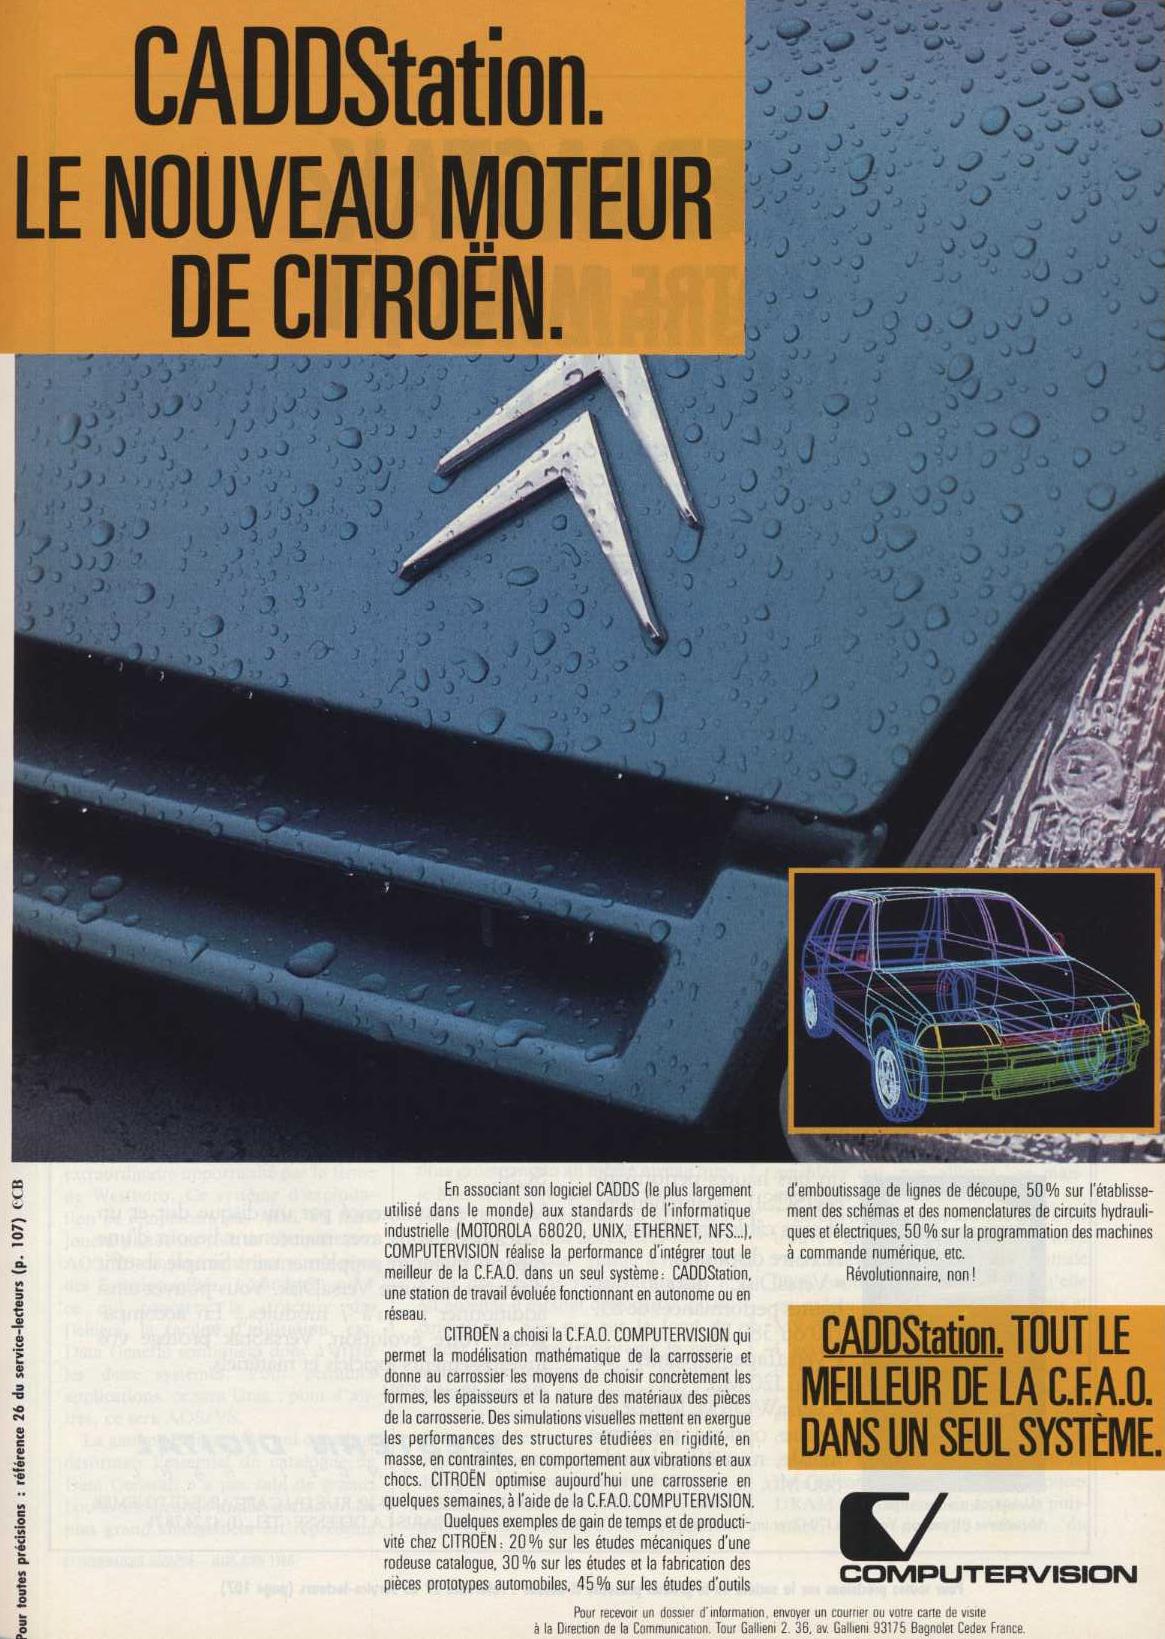 Publicité pour le logiciel de CFAO CADDStation de COMPUTERVISION adopté par Citroën (1988)